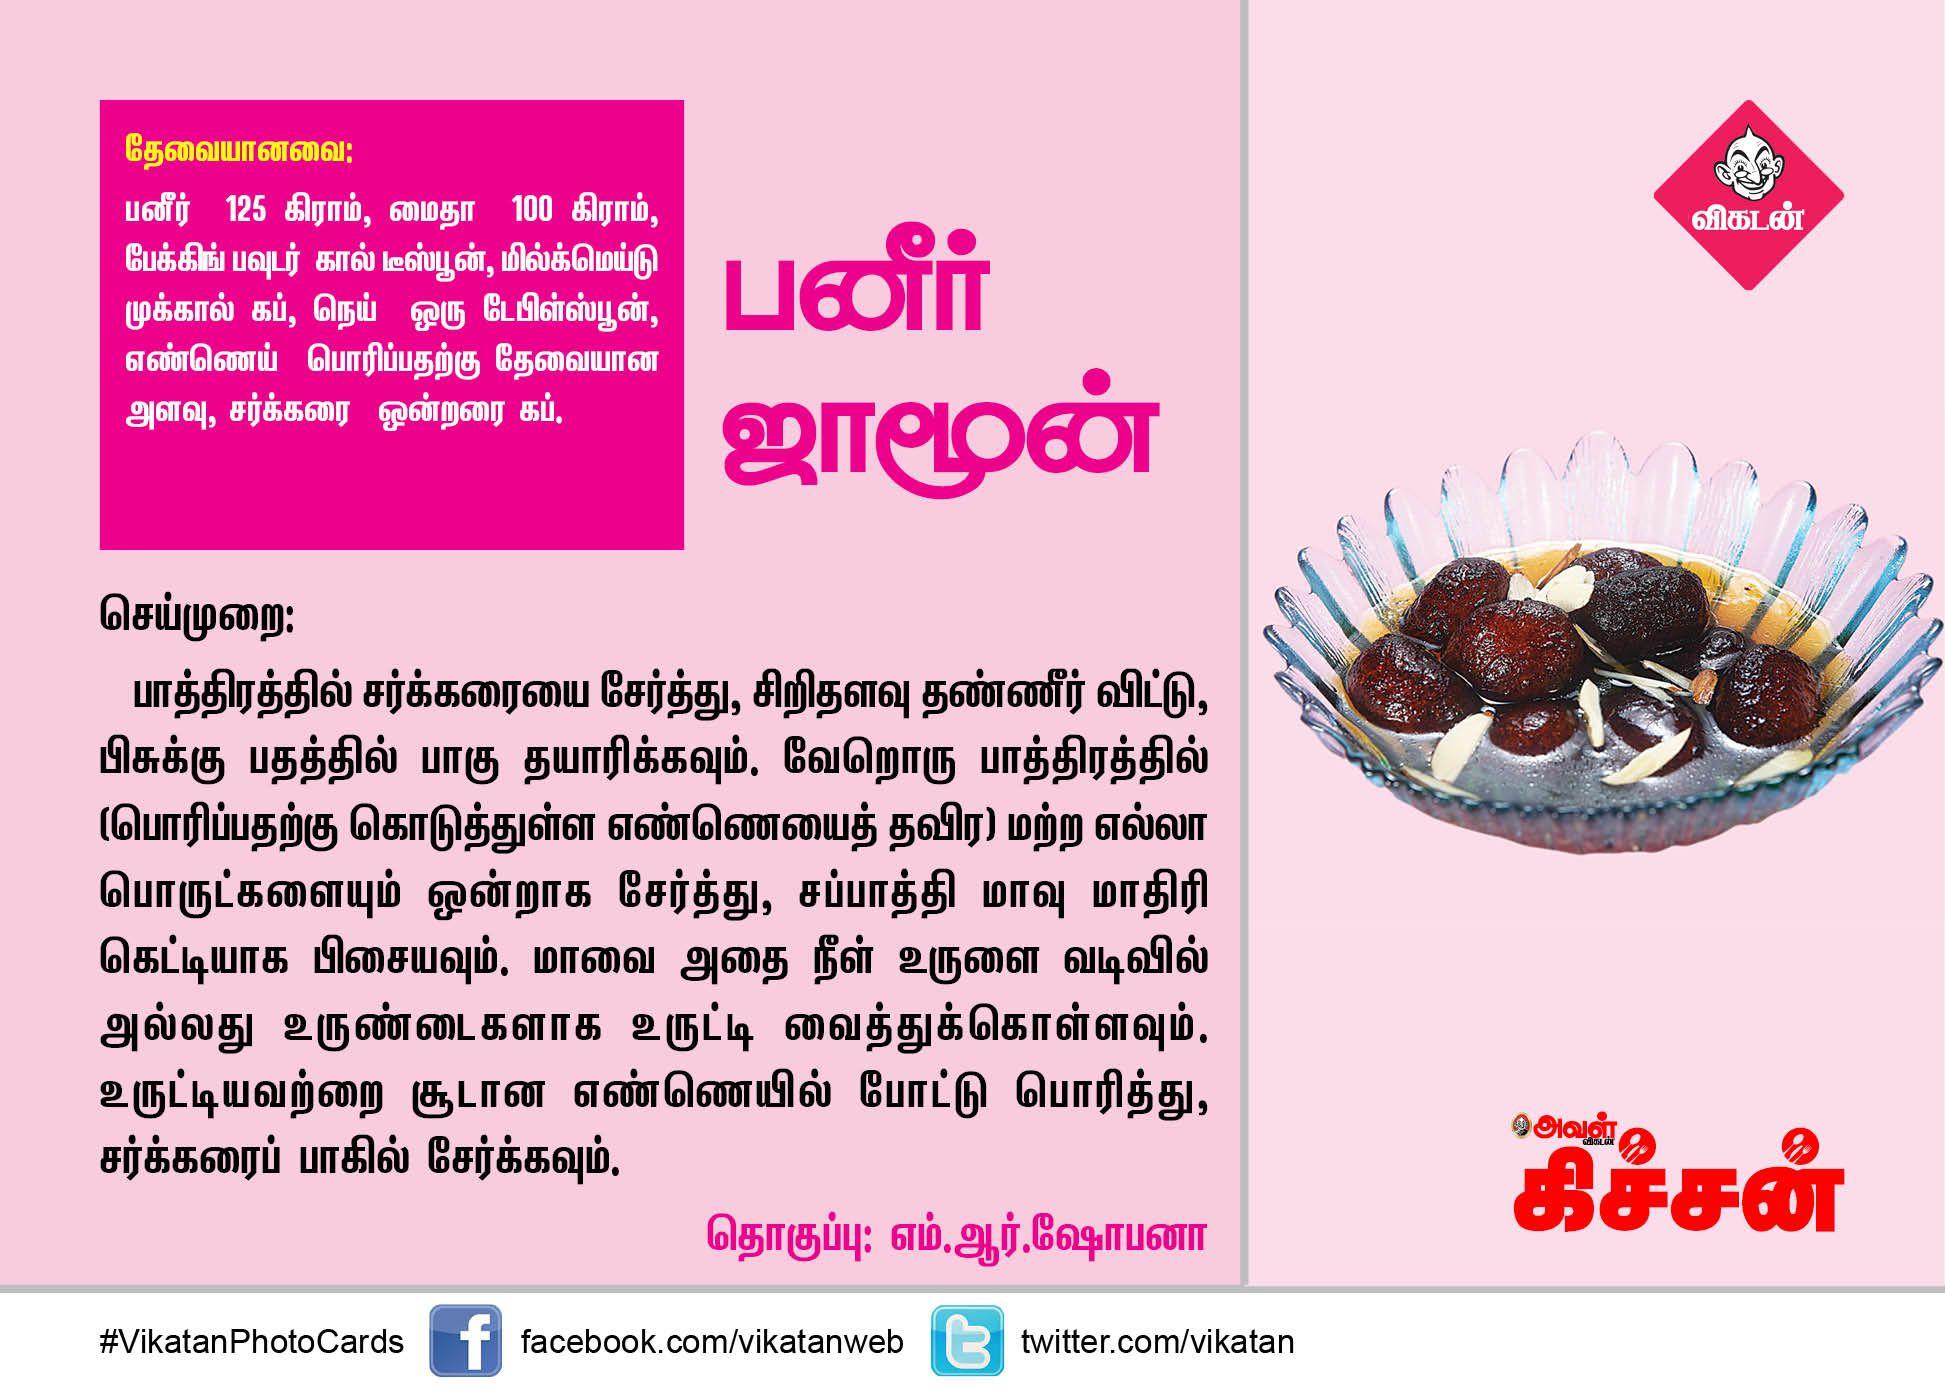 தீபாவளி லேகியம் முதல் பனீர் ஜாமூன் வரை... தித்திக்கும் தீபாவளி பட்சணங்கள்! #DiwaliSweets #VikatanPhotoCards